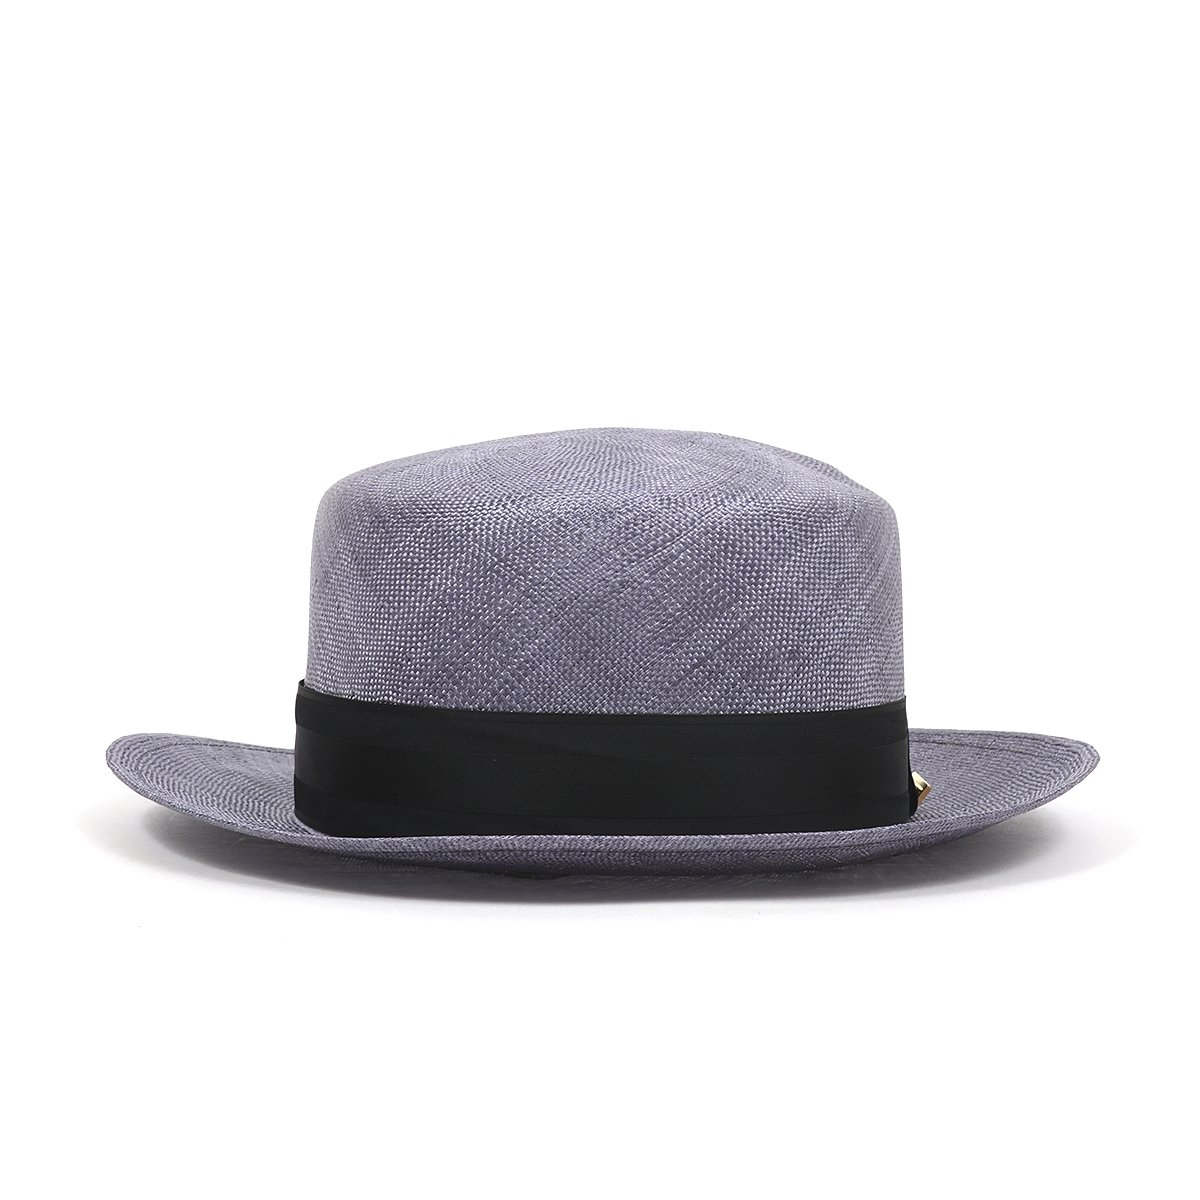 【LADY'S】SISOL PORK PIE HAT 詳細画像2